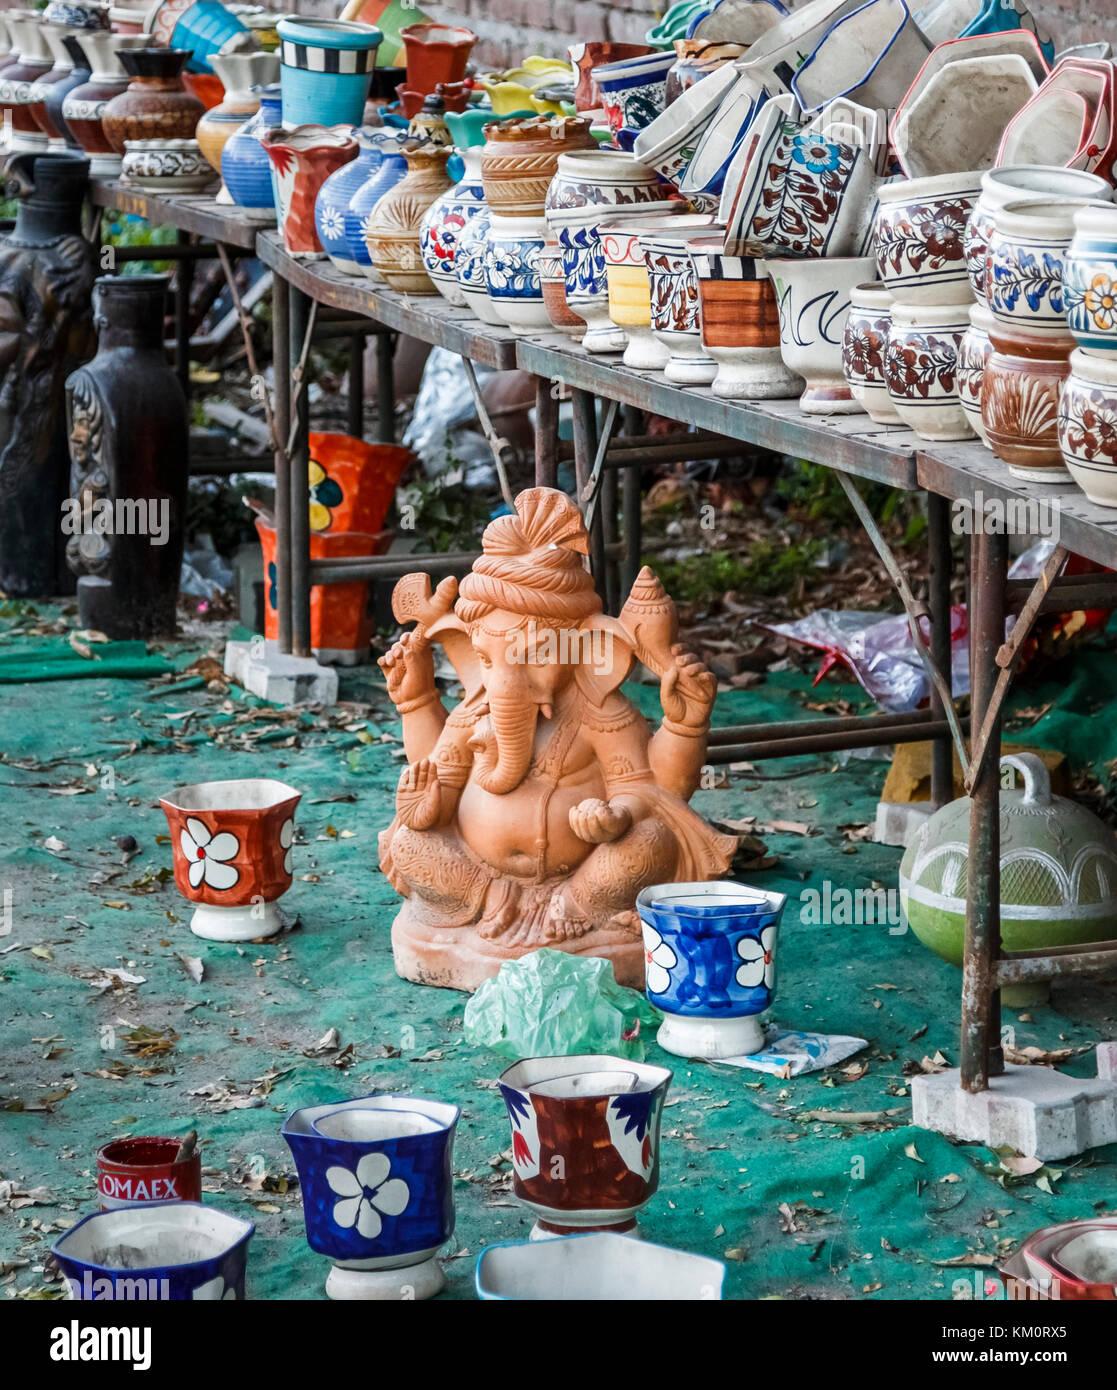 Keramik Steingut Statue der Elefantengott Ganesh und Töpfe auf der Anzeige für den Verkauf als Souvenirs, Stockbild